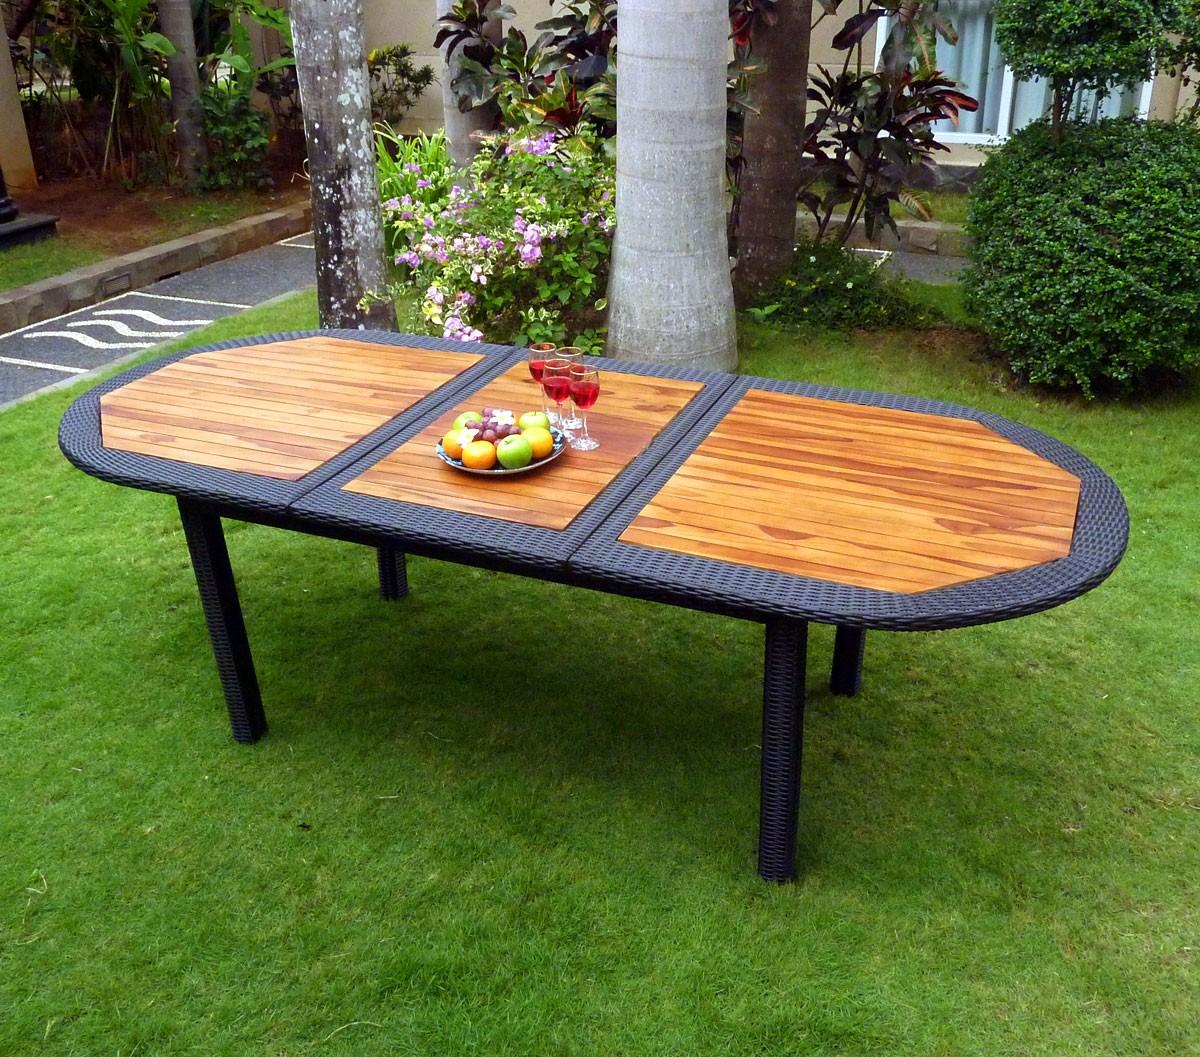 Table de jardin en teck huilé et résine : modèle java ratan